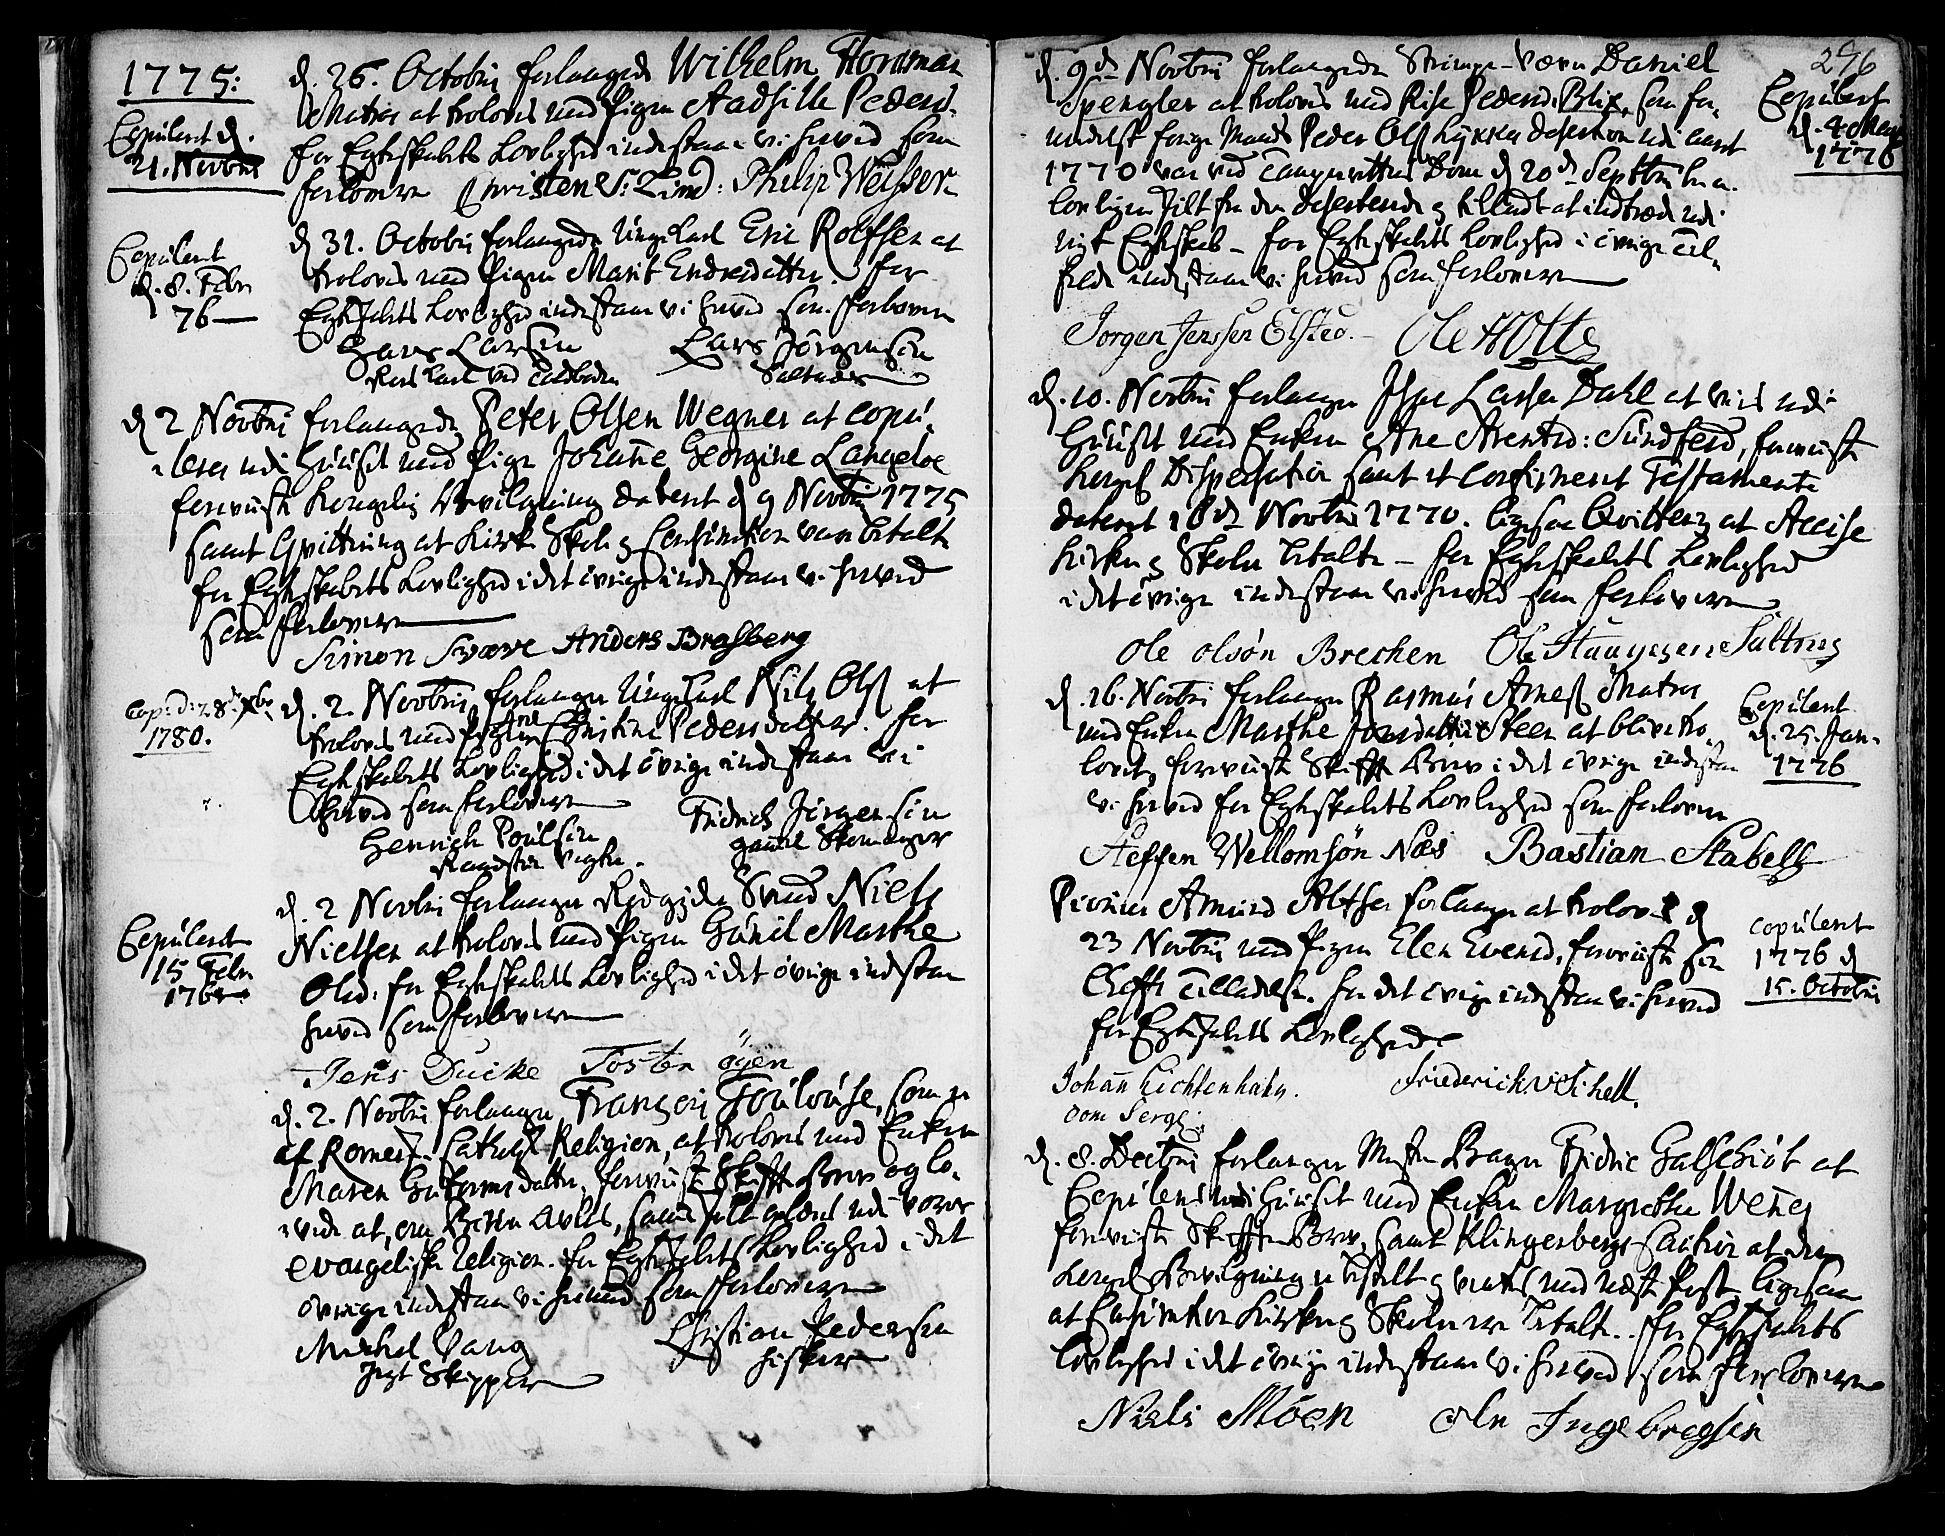 SAT, Ministerialprotokoller, klokkerbøker og fødselsregistre - Sør-Trøndelag, 601/L0038: Ministerialbok nr. 601A06, 1766-1877, s. 296